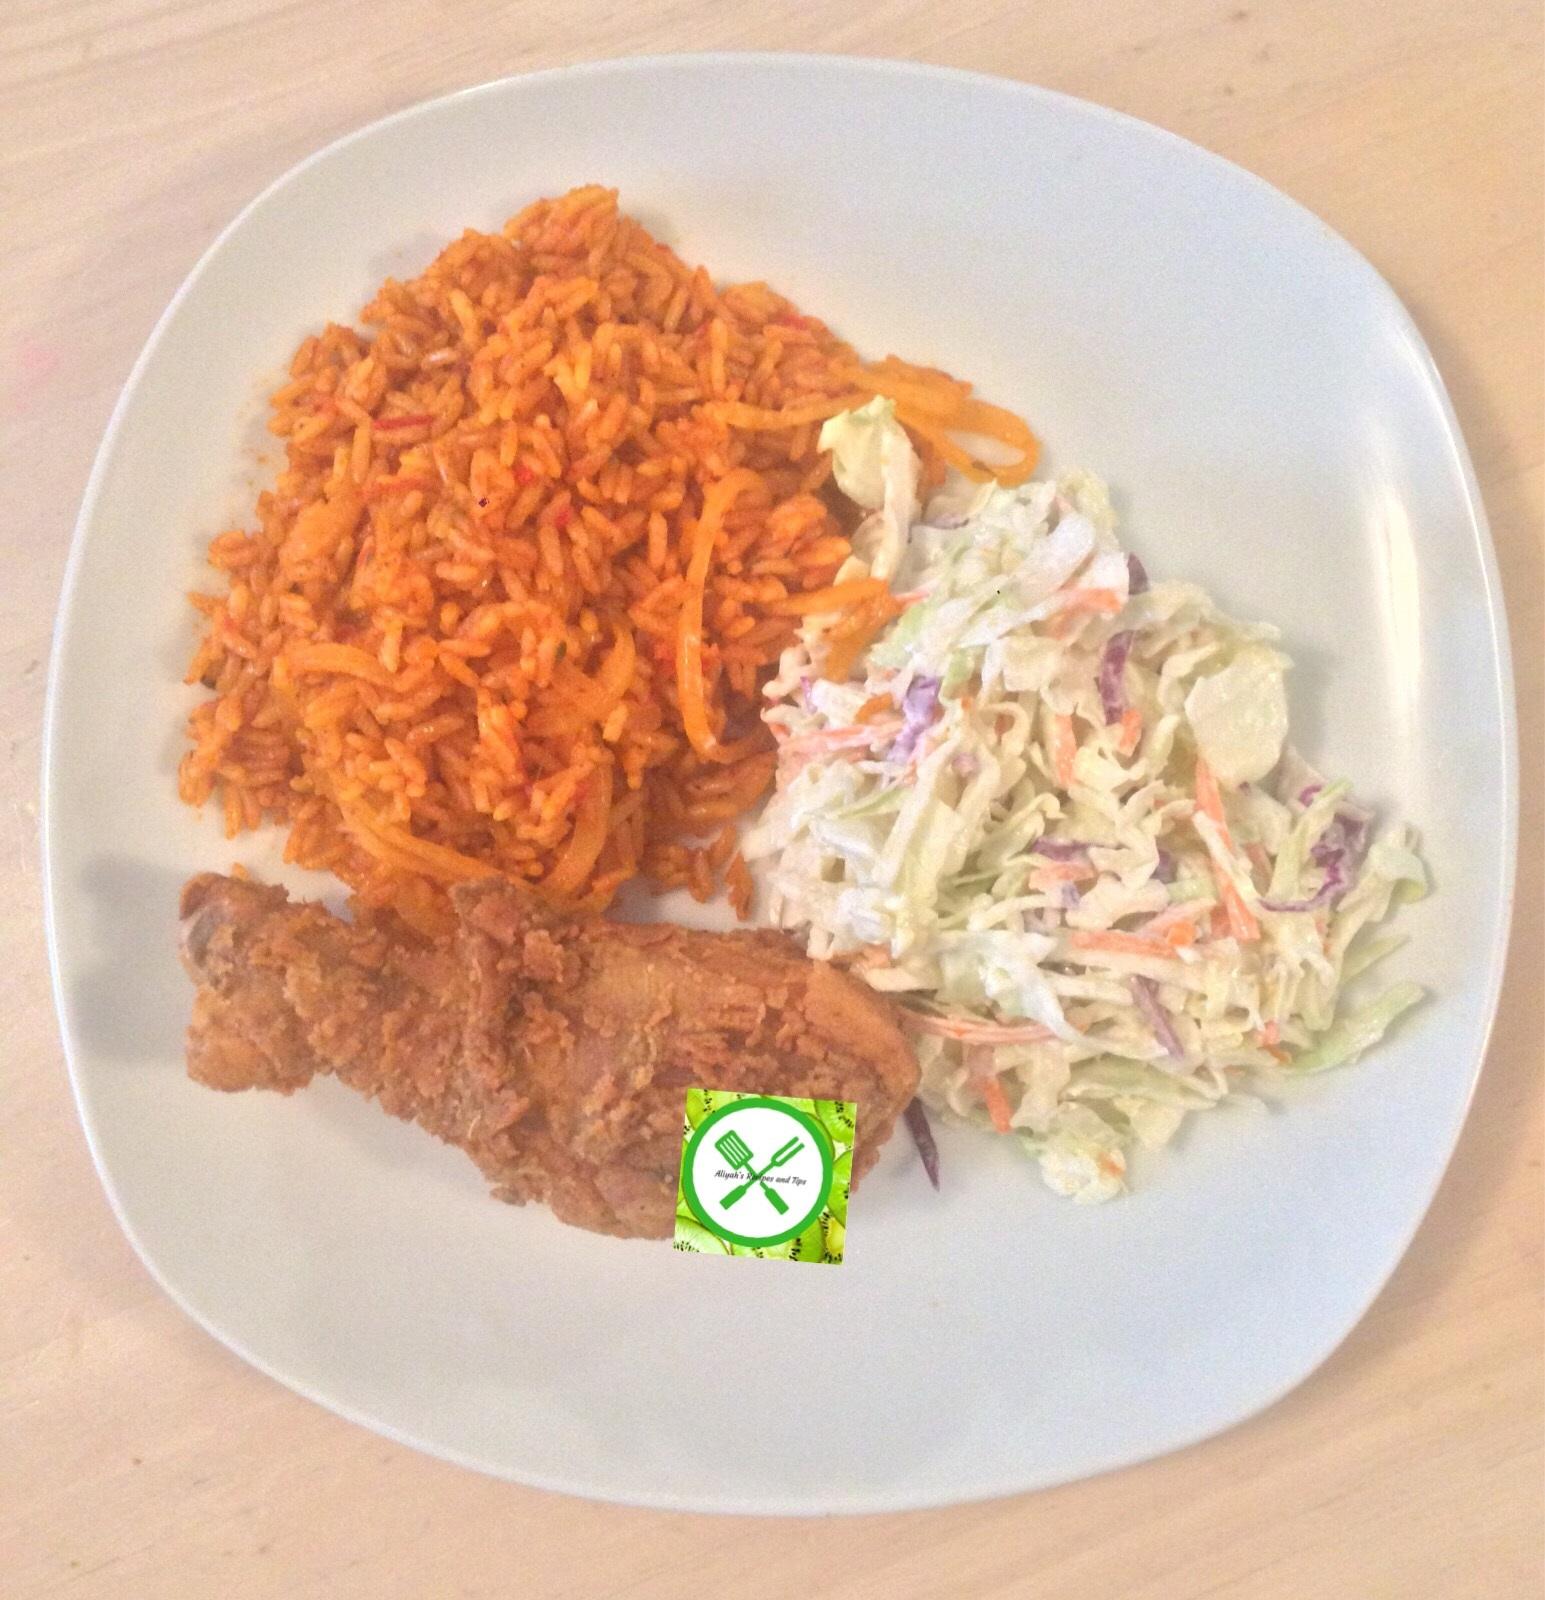 Oven Baked Jollof Rice, Nigerian oven baked rice, Niigerian oven baked jollof rice, baked jollof rice